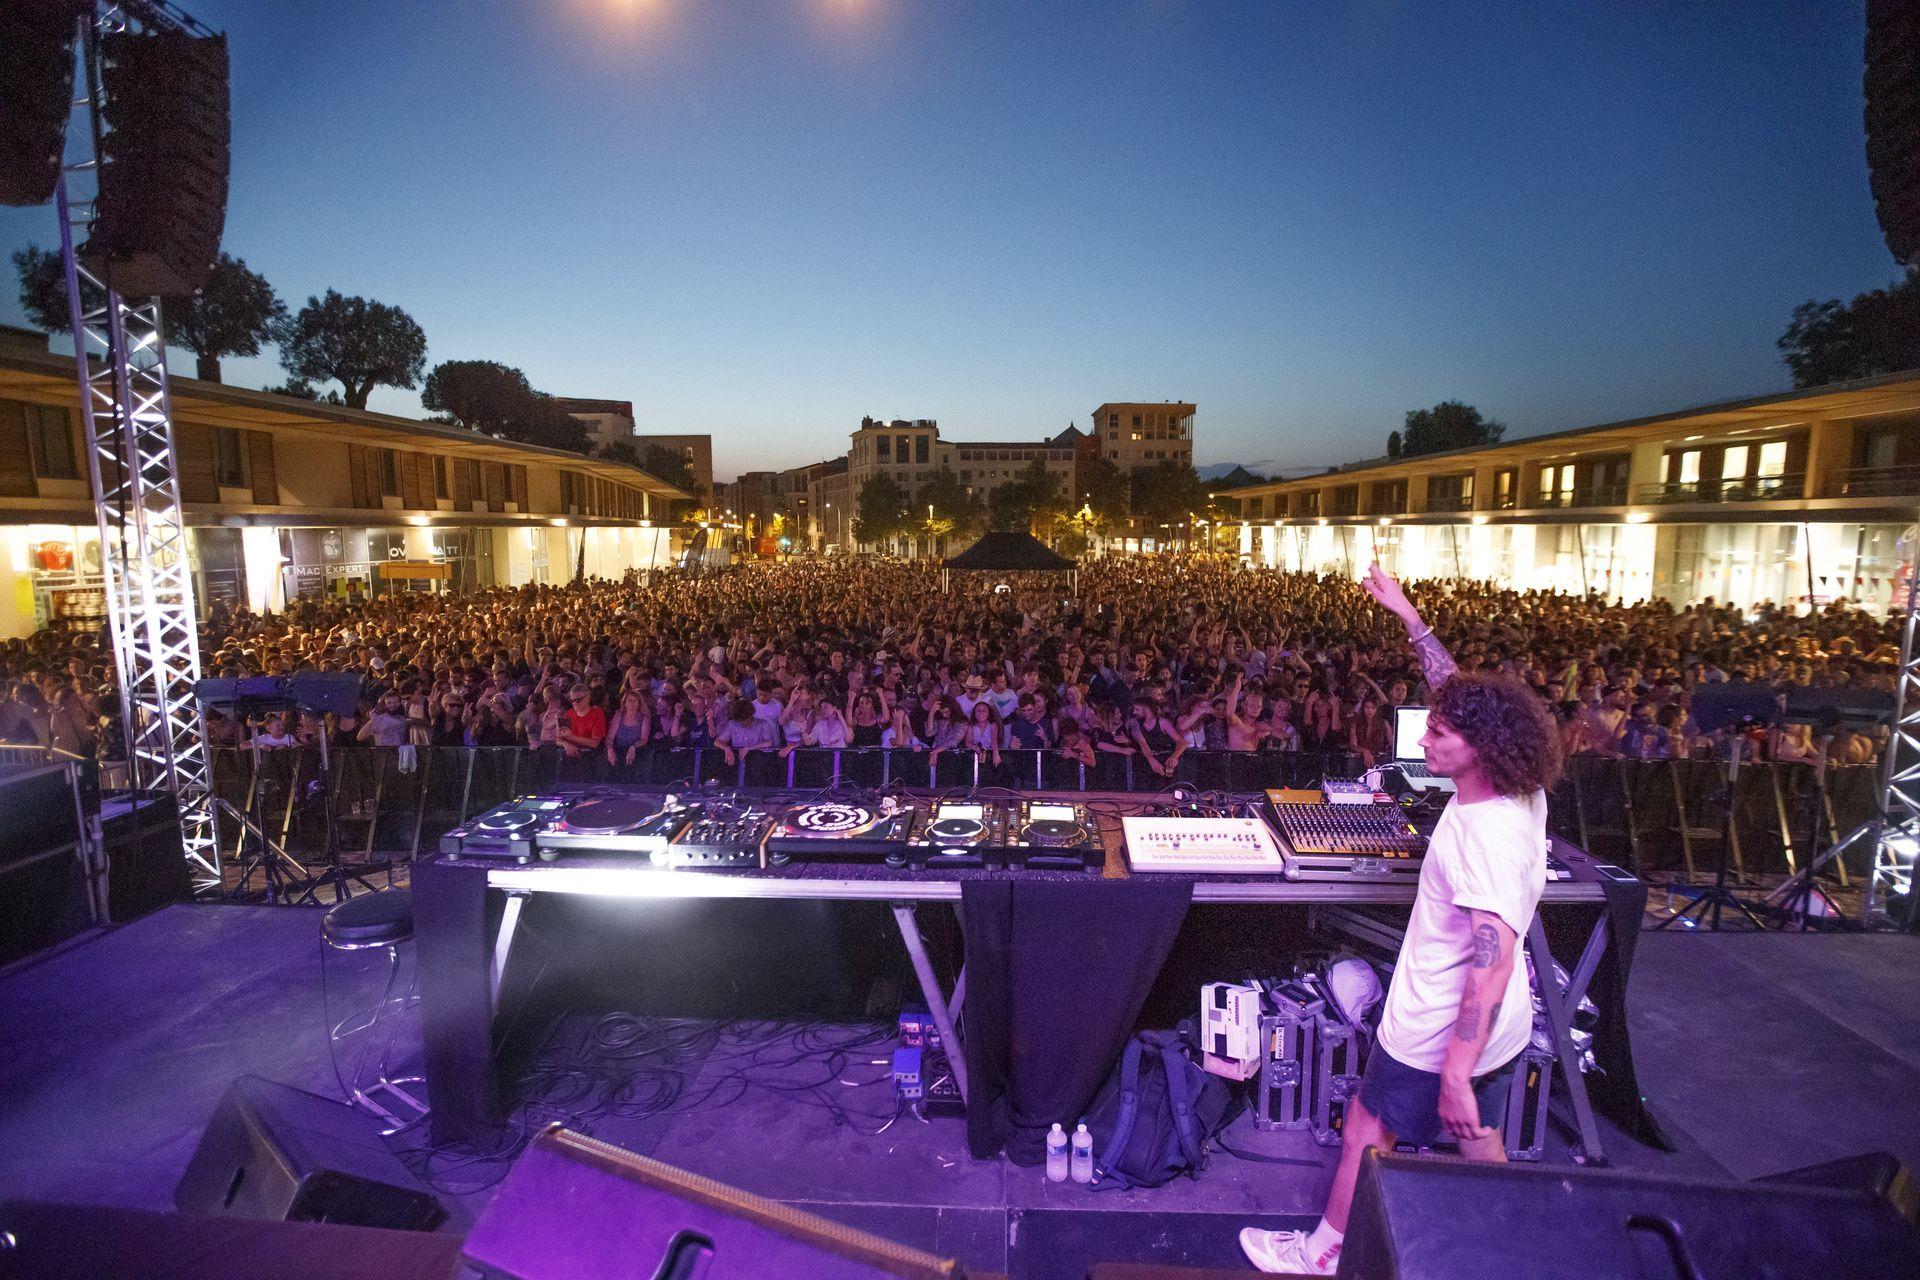 Festival électro sur la place de la nouvelle Mairie à Montpellier © CH.Ruiz Montpellier3M